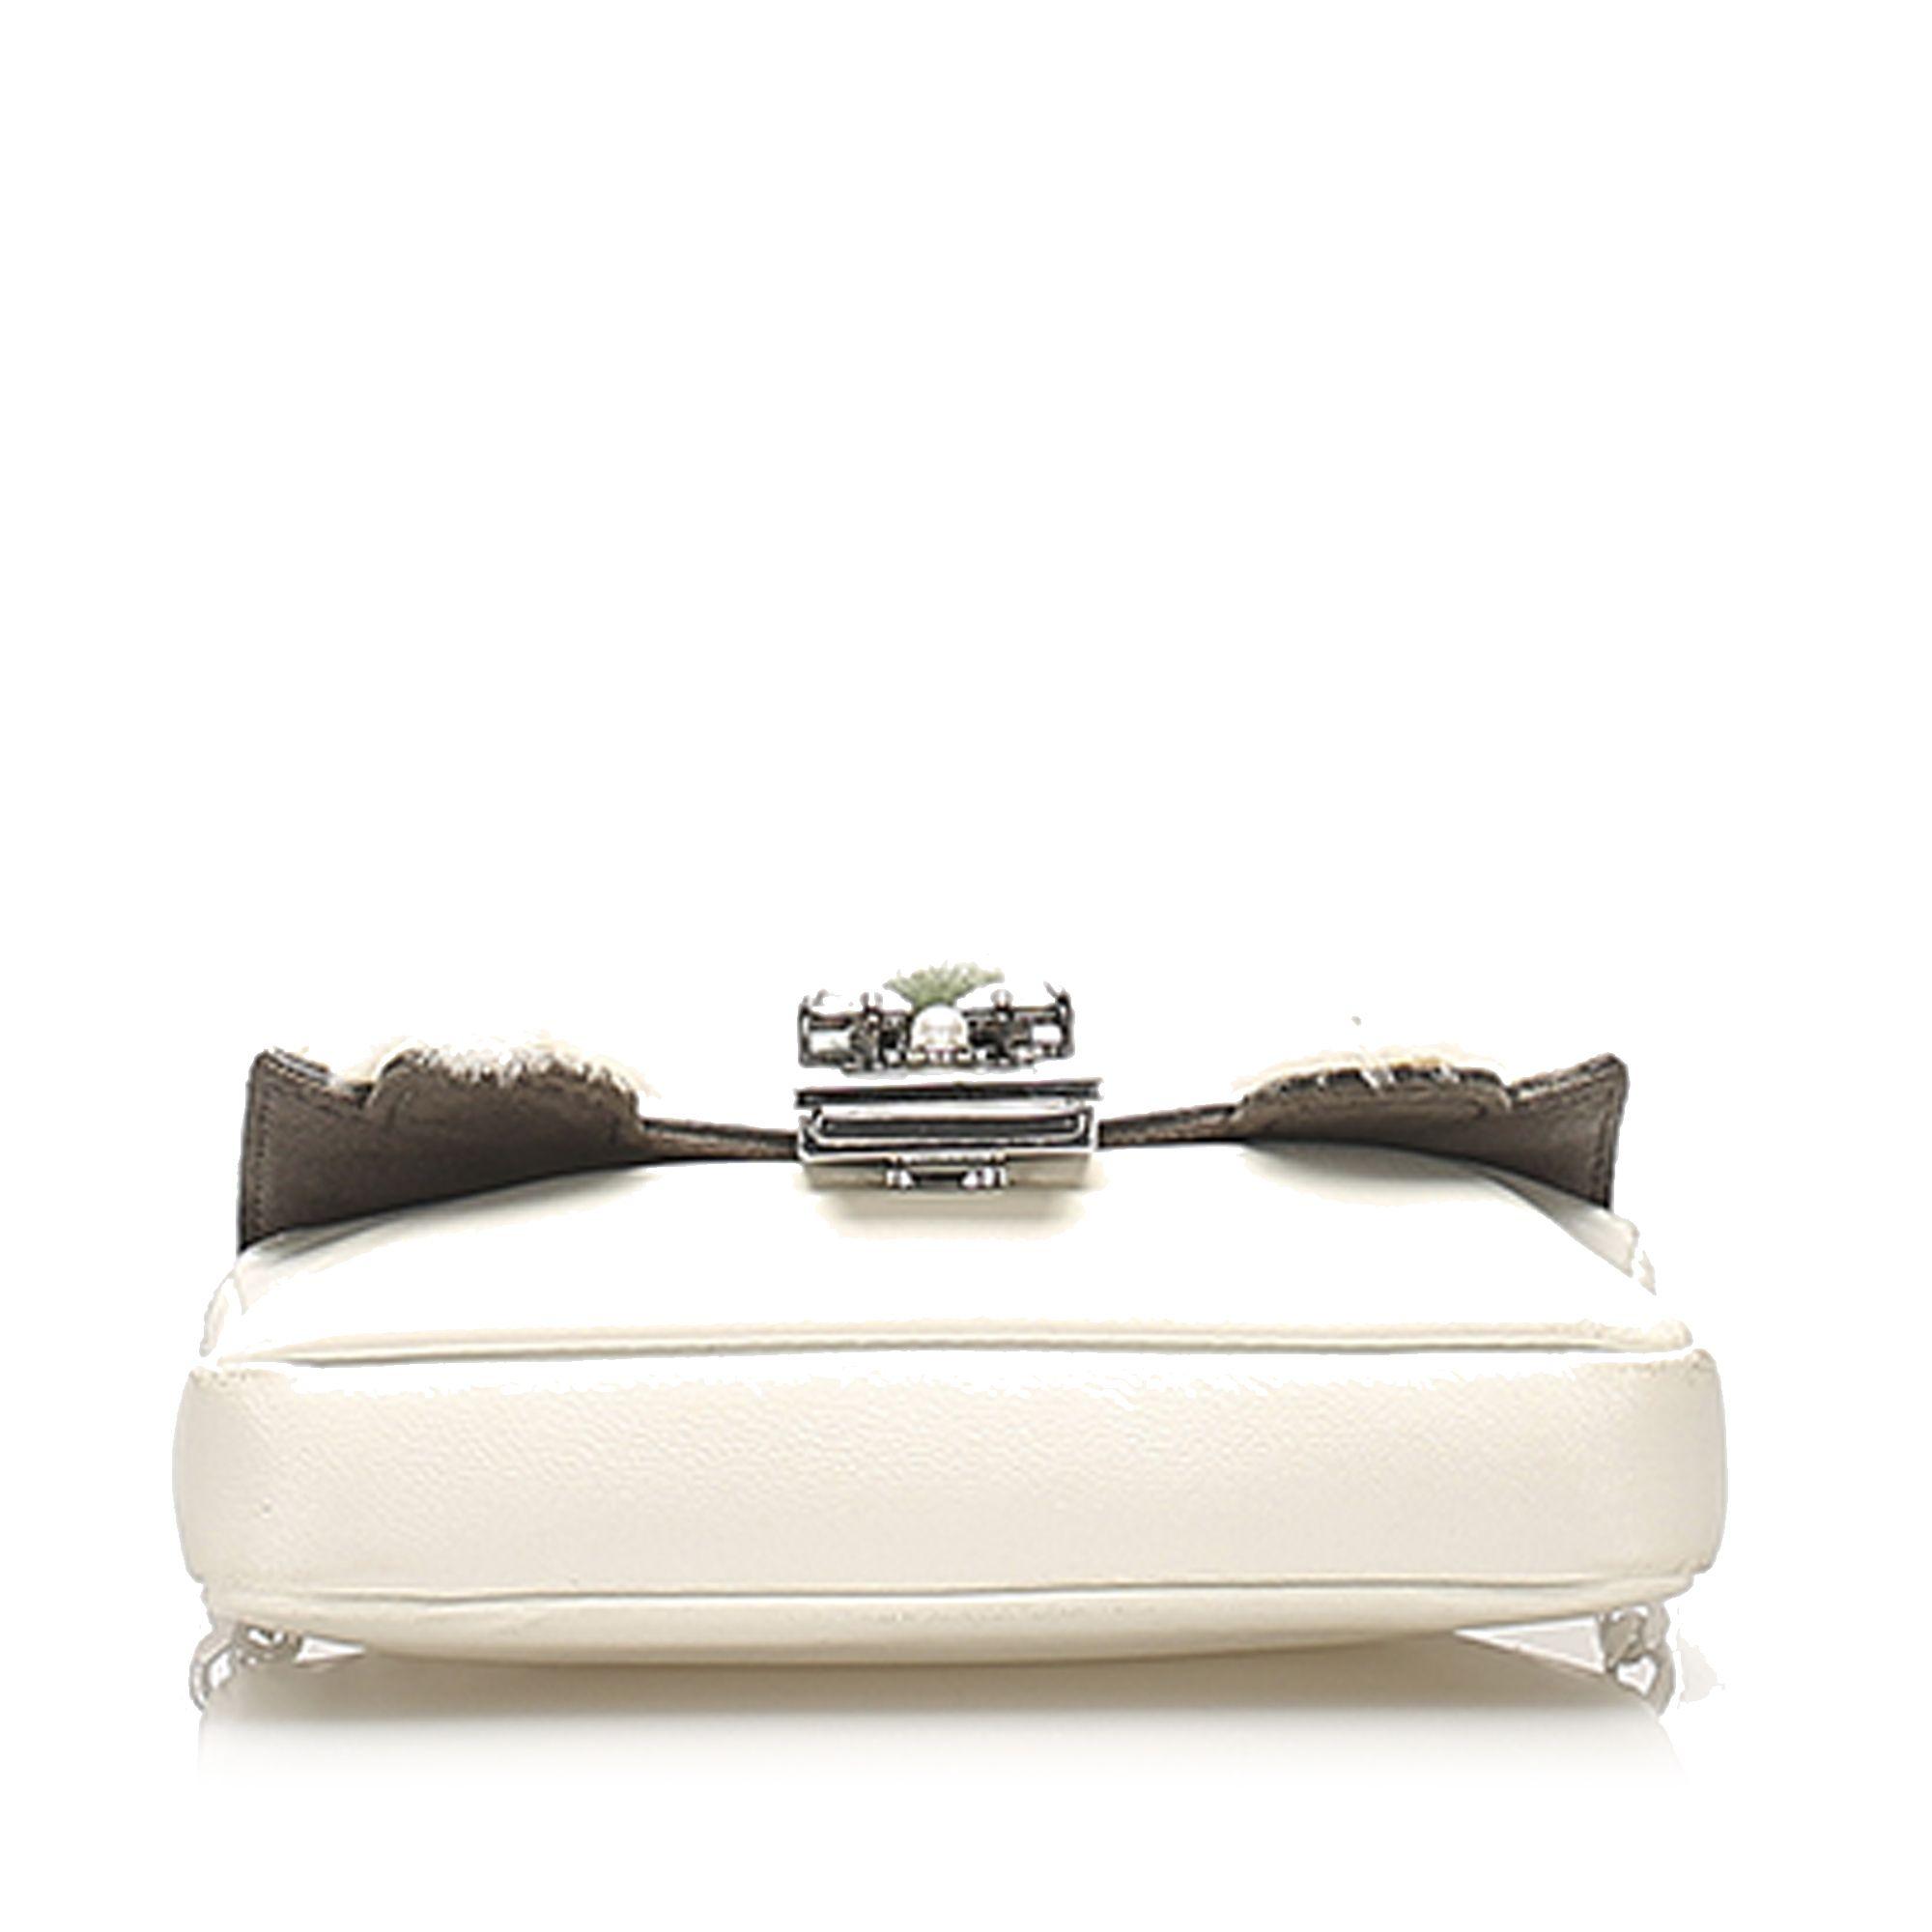 Vintage Fendi Monster Leather Baguette White